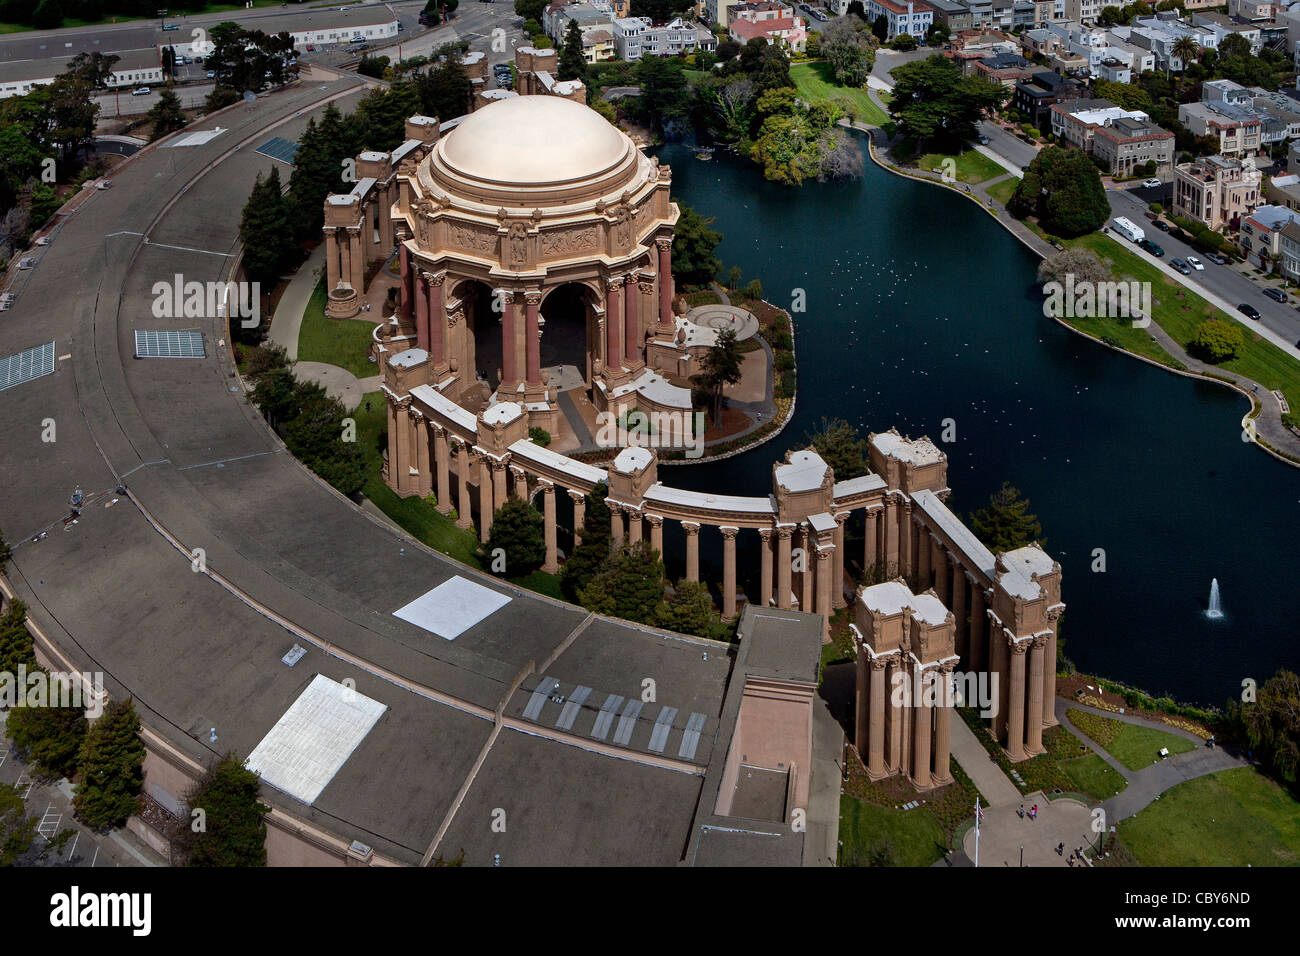 Photographie aérienne Palace of Fine Arts, San Francisco, Californie Photo Stock